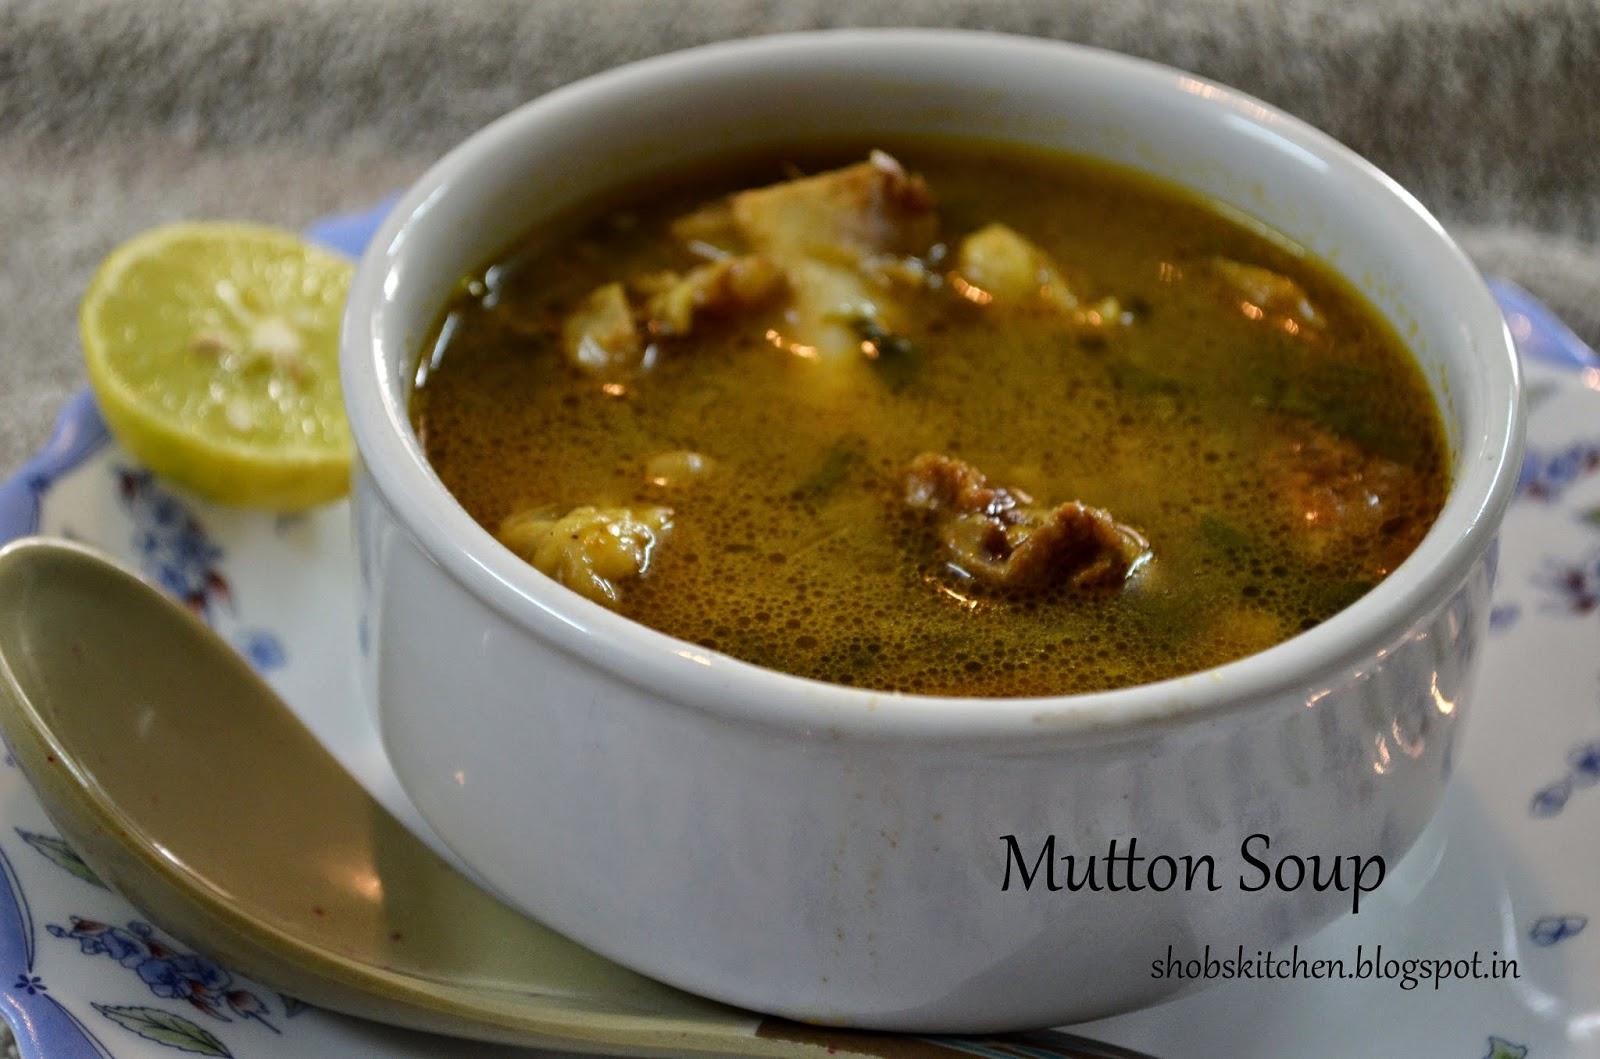 Mutton Soup Shobskitchen